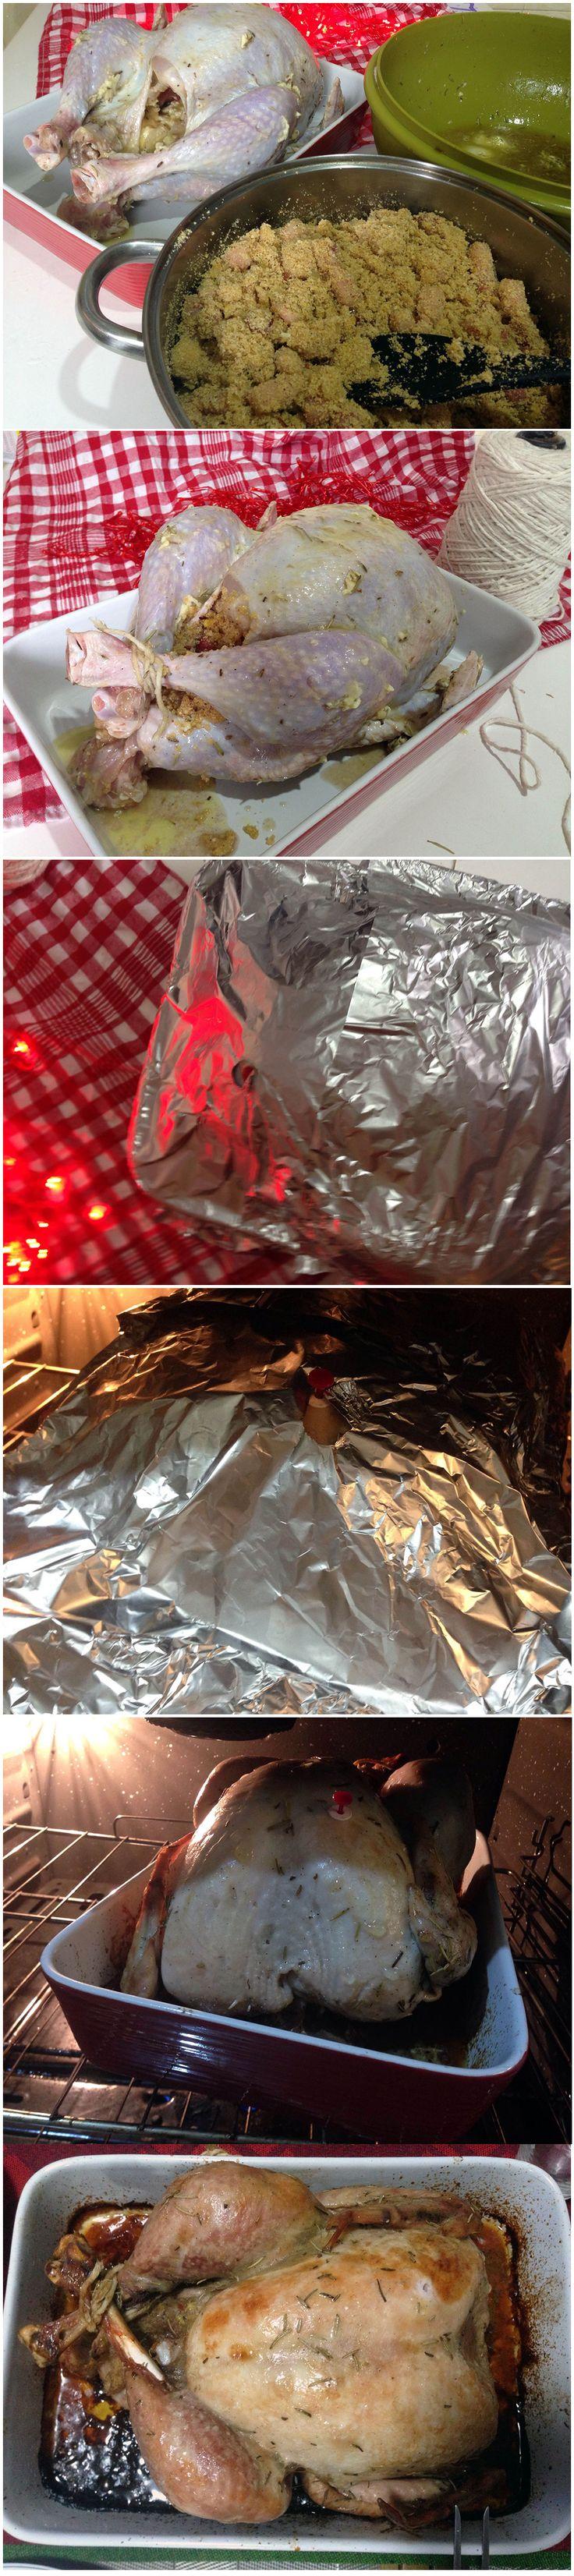 Sim, o Peru de Natal que compramos no mercado já vem temperado, mas não é o ideal e suficiente; quando assamos a carne acaba ficando seca e sem cor, então o melhor é dar o seu toque especial, dar amor e deixar ele bem mais delicioso. Então vem comigo, porque não requer muita prática nemLeia mais